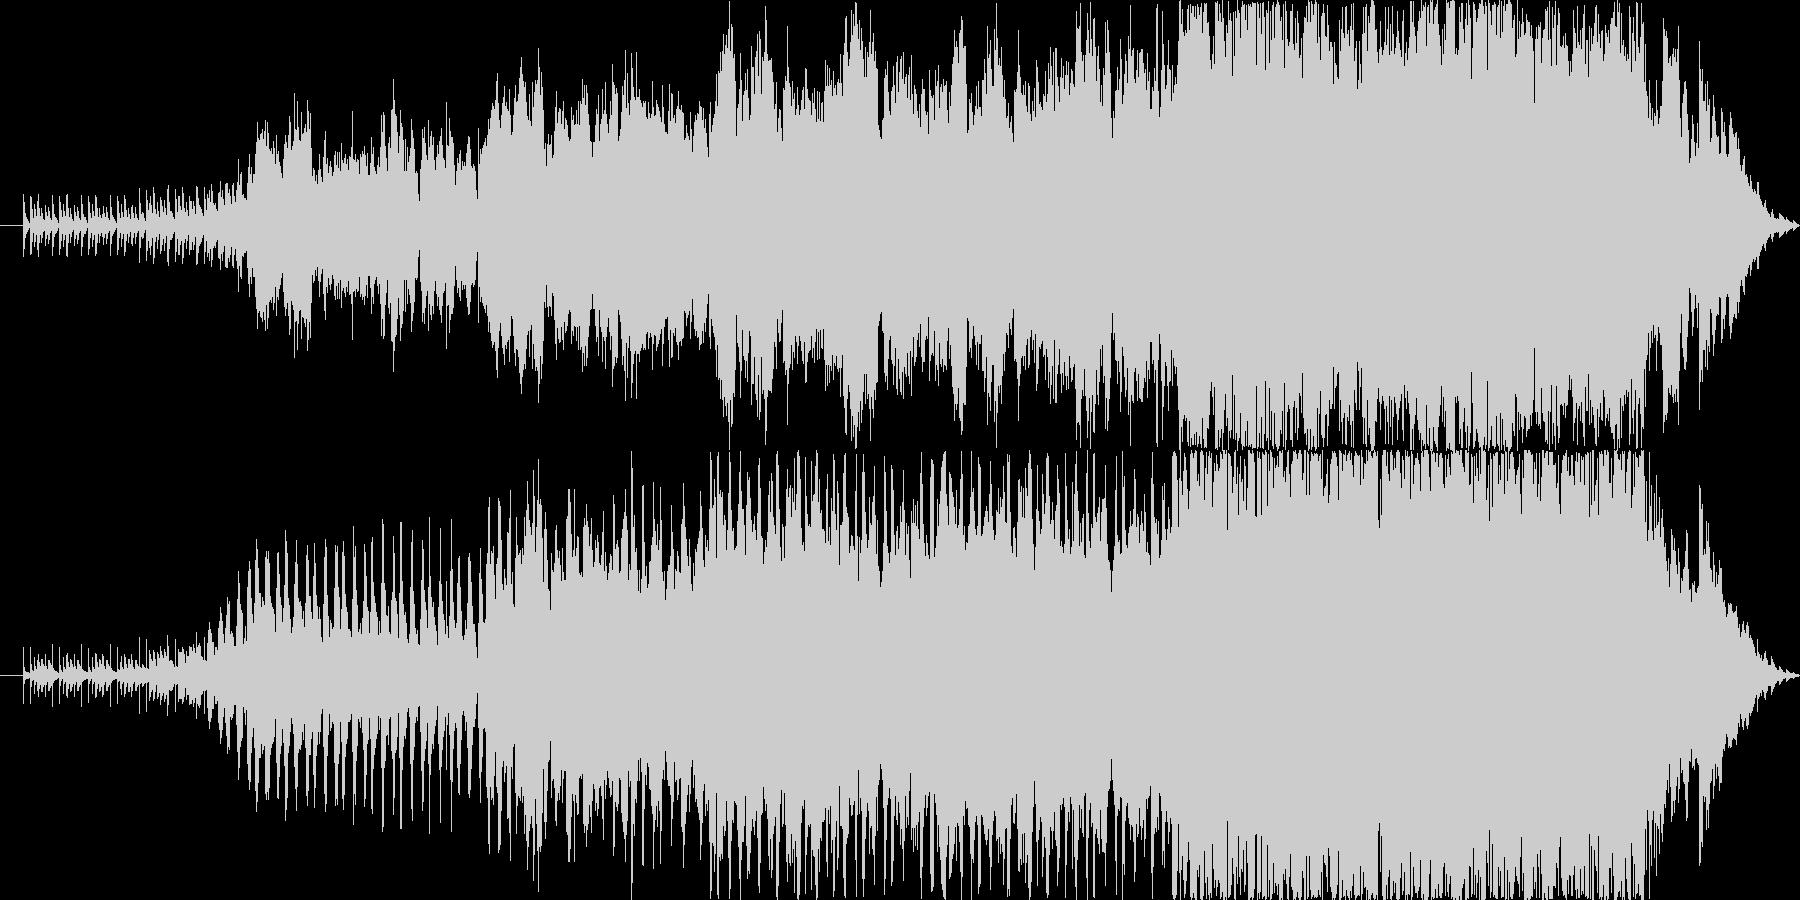 オーケストラの編成で草原をイメージに作…の未再生の波形